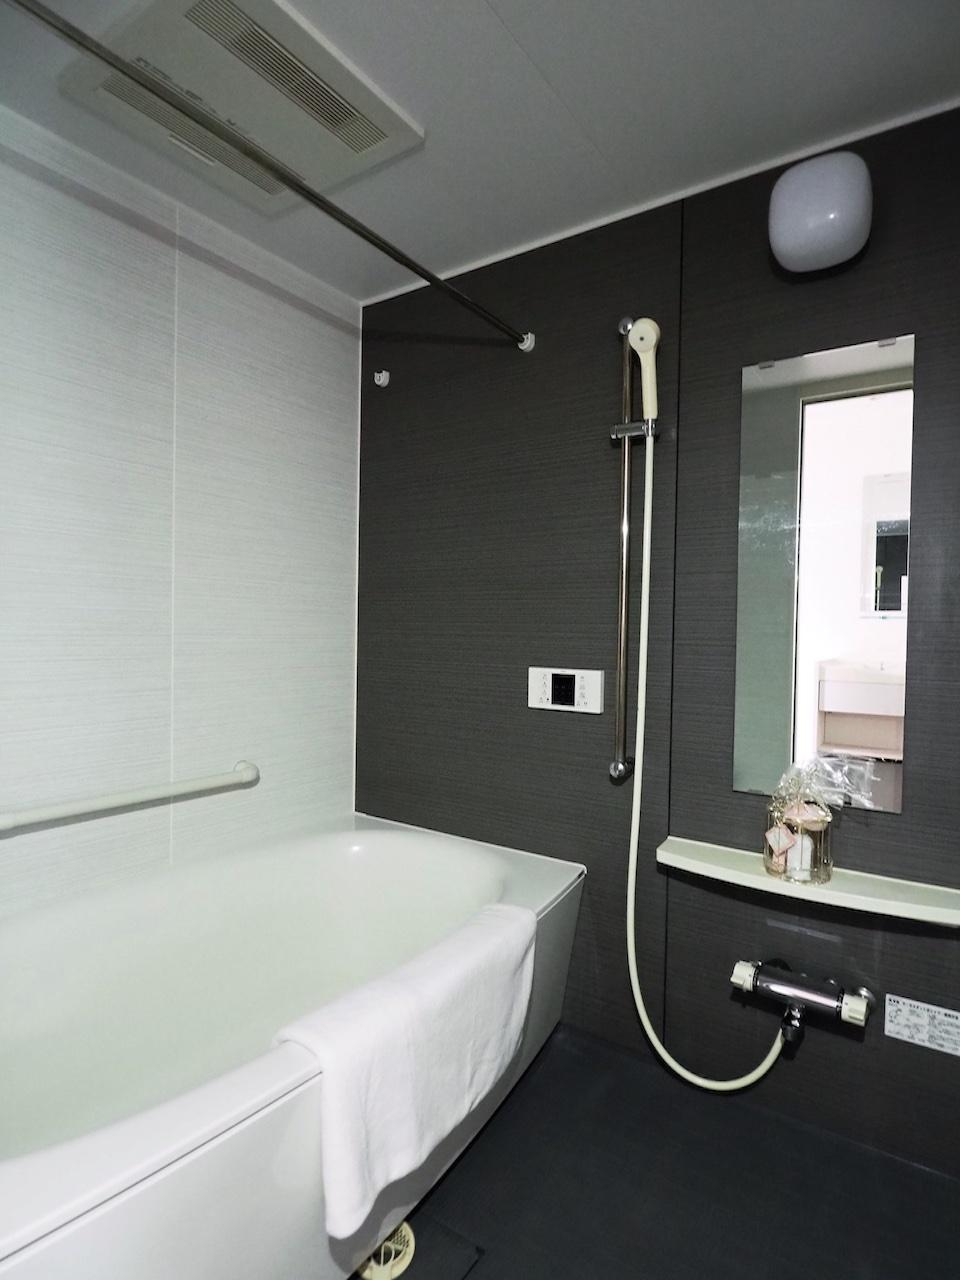 バスルームも広いですね。